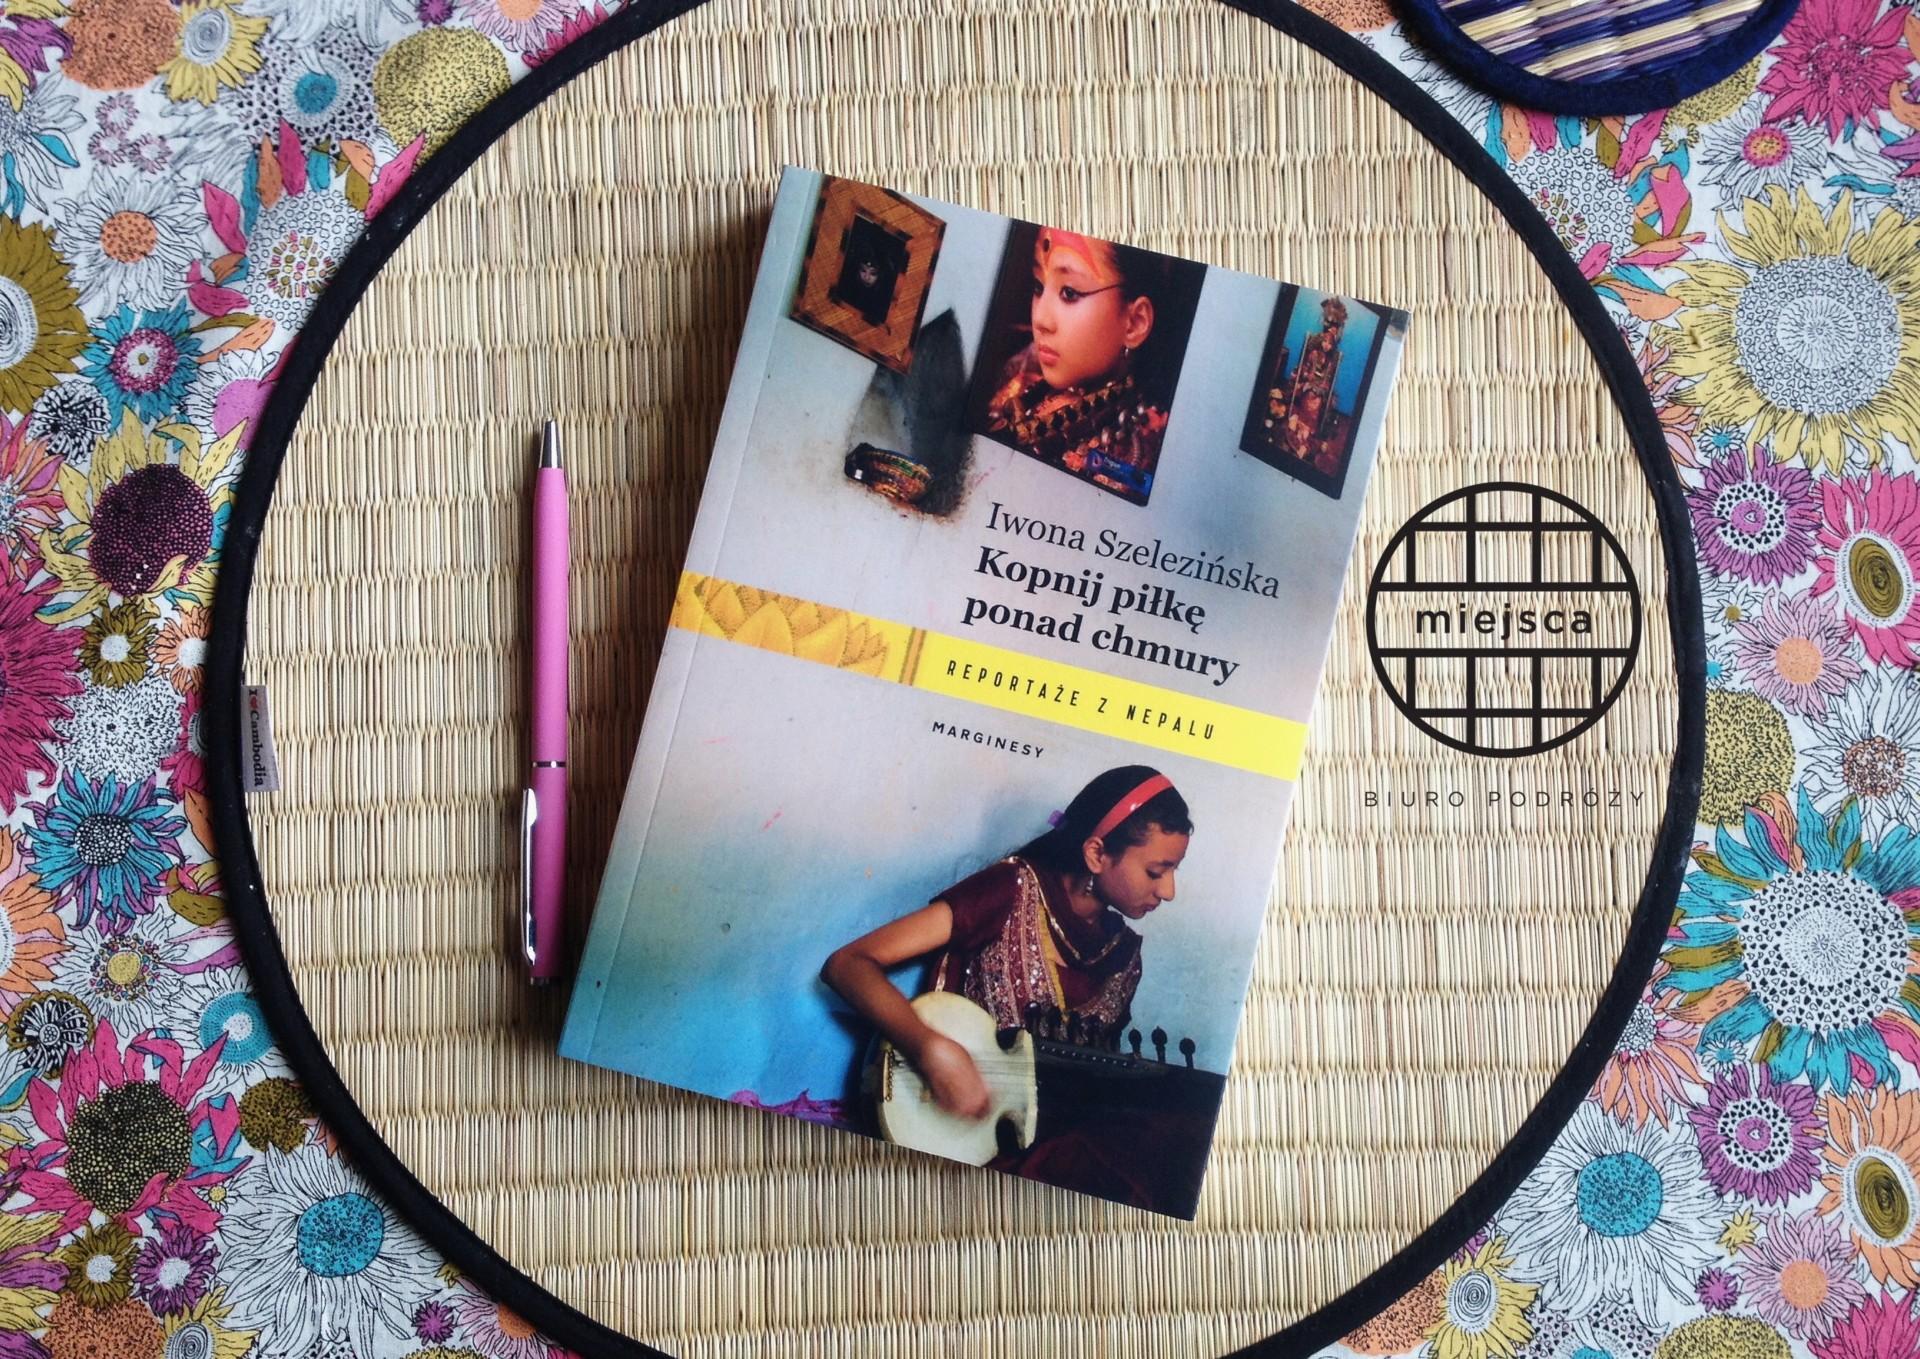 Wyprawa do Nepalu. Wybierz kameralne biuro podróży 3